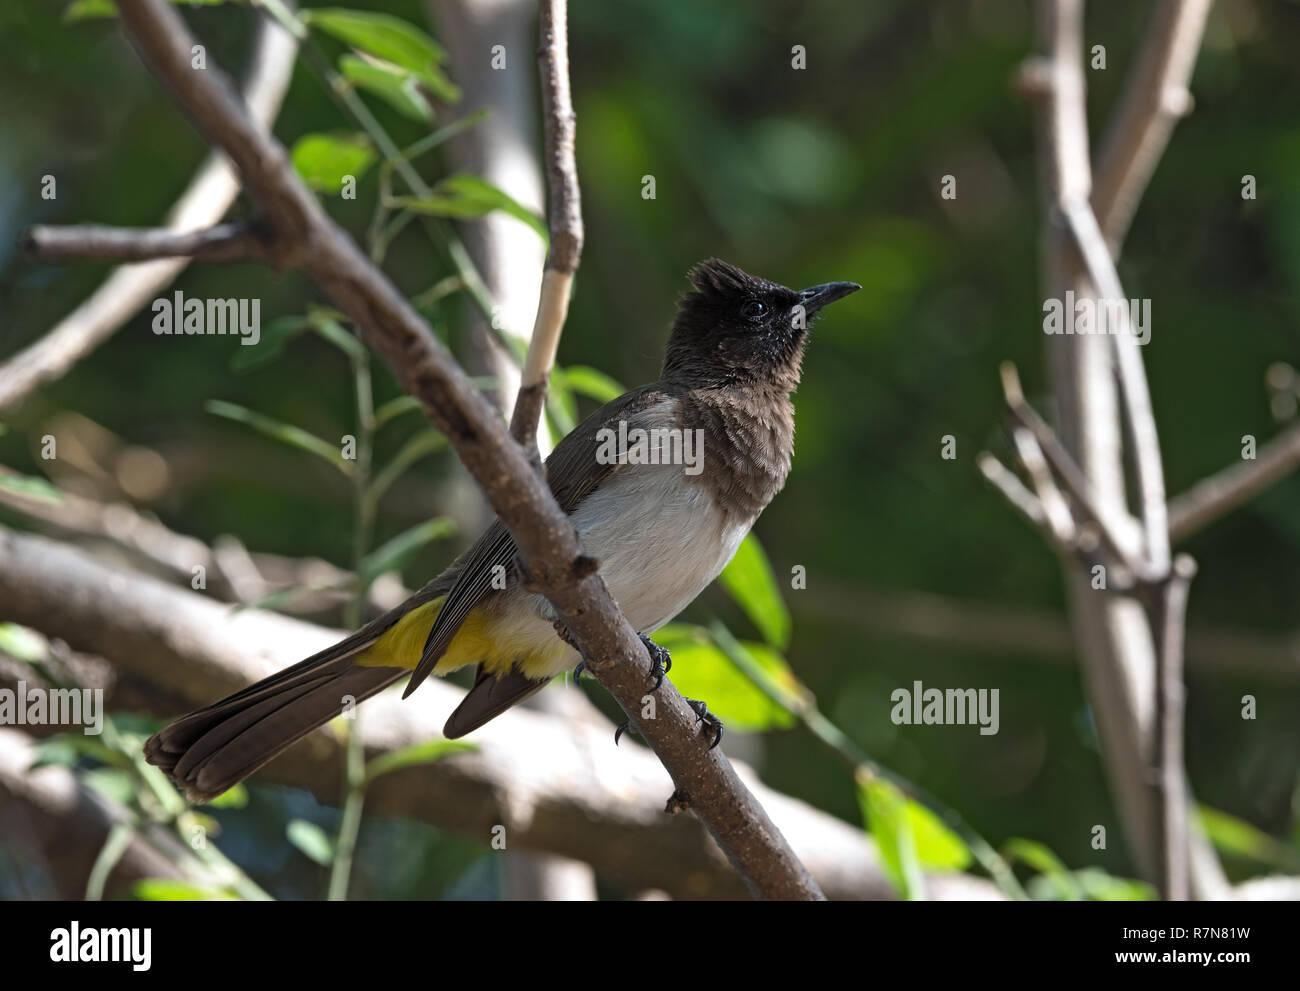 Un buio capped bulbul siede su un ramo di albero, Botswana Immagini Stock